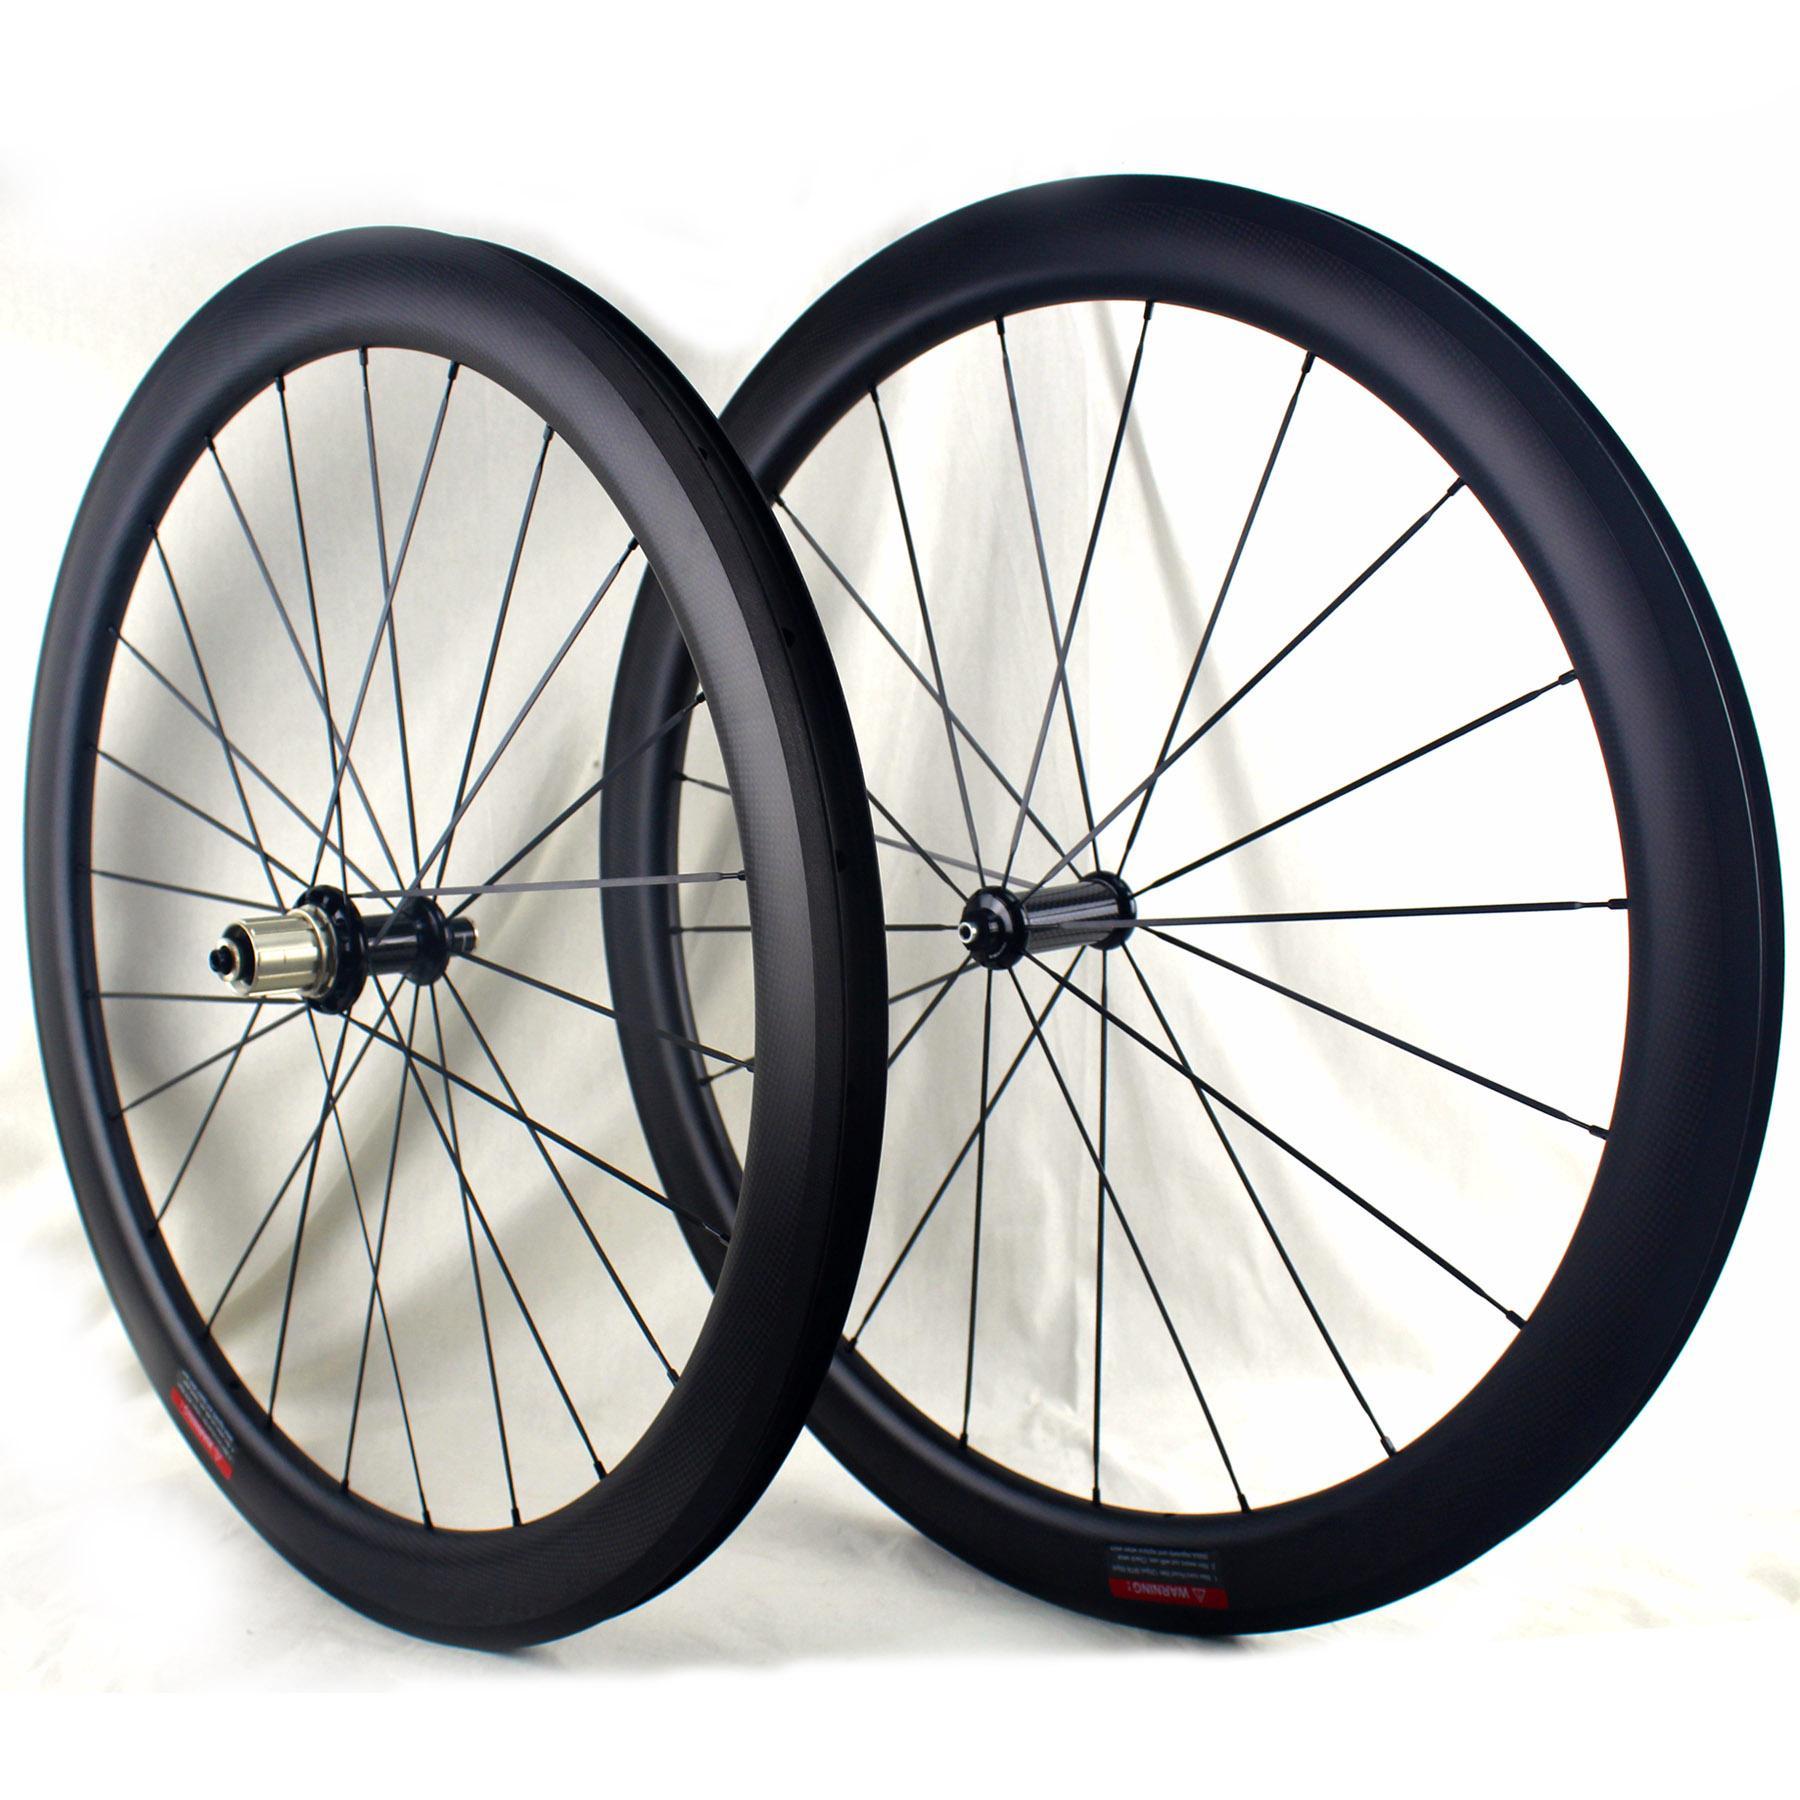 الطريق الكربون عجلات 38 50 60 ملم الفاصلة 700C لايحتاج مستعدة دراجة الكربون العجلات 3K مراكز مات Powerway R36